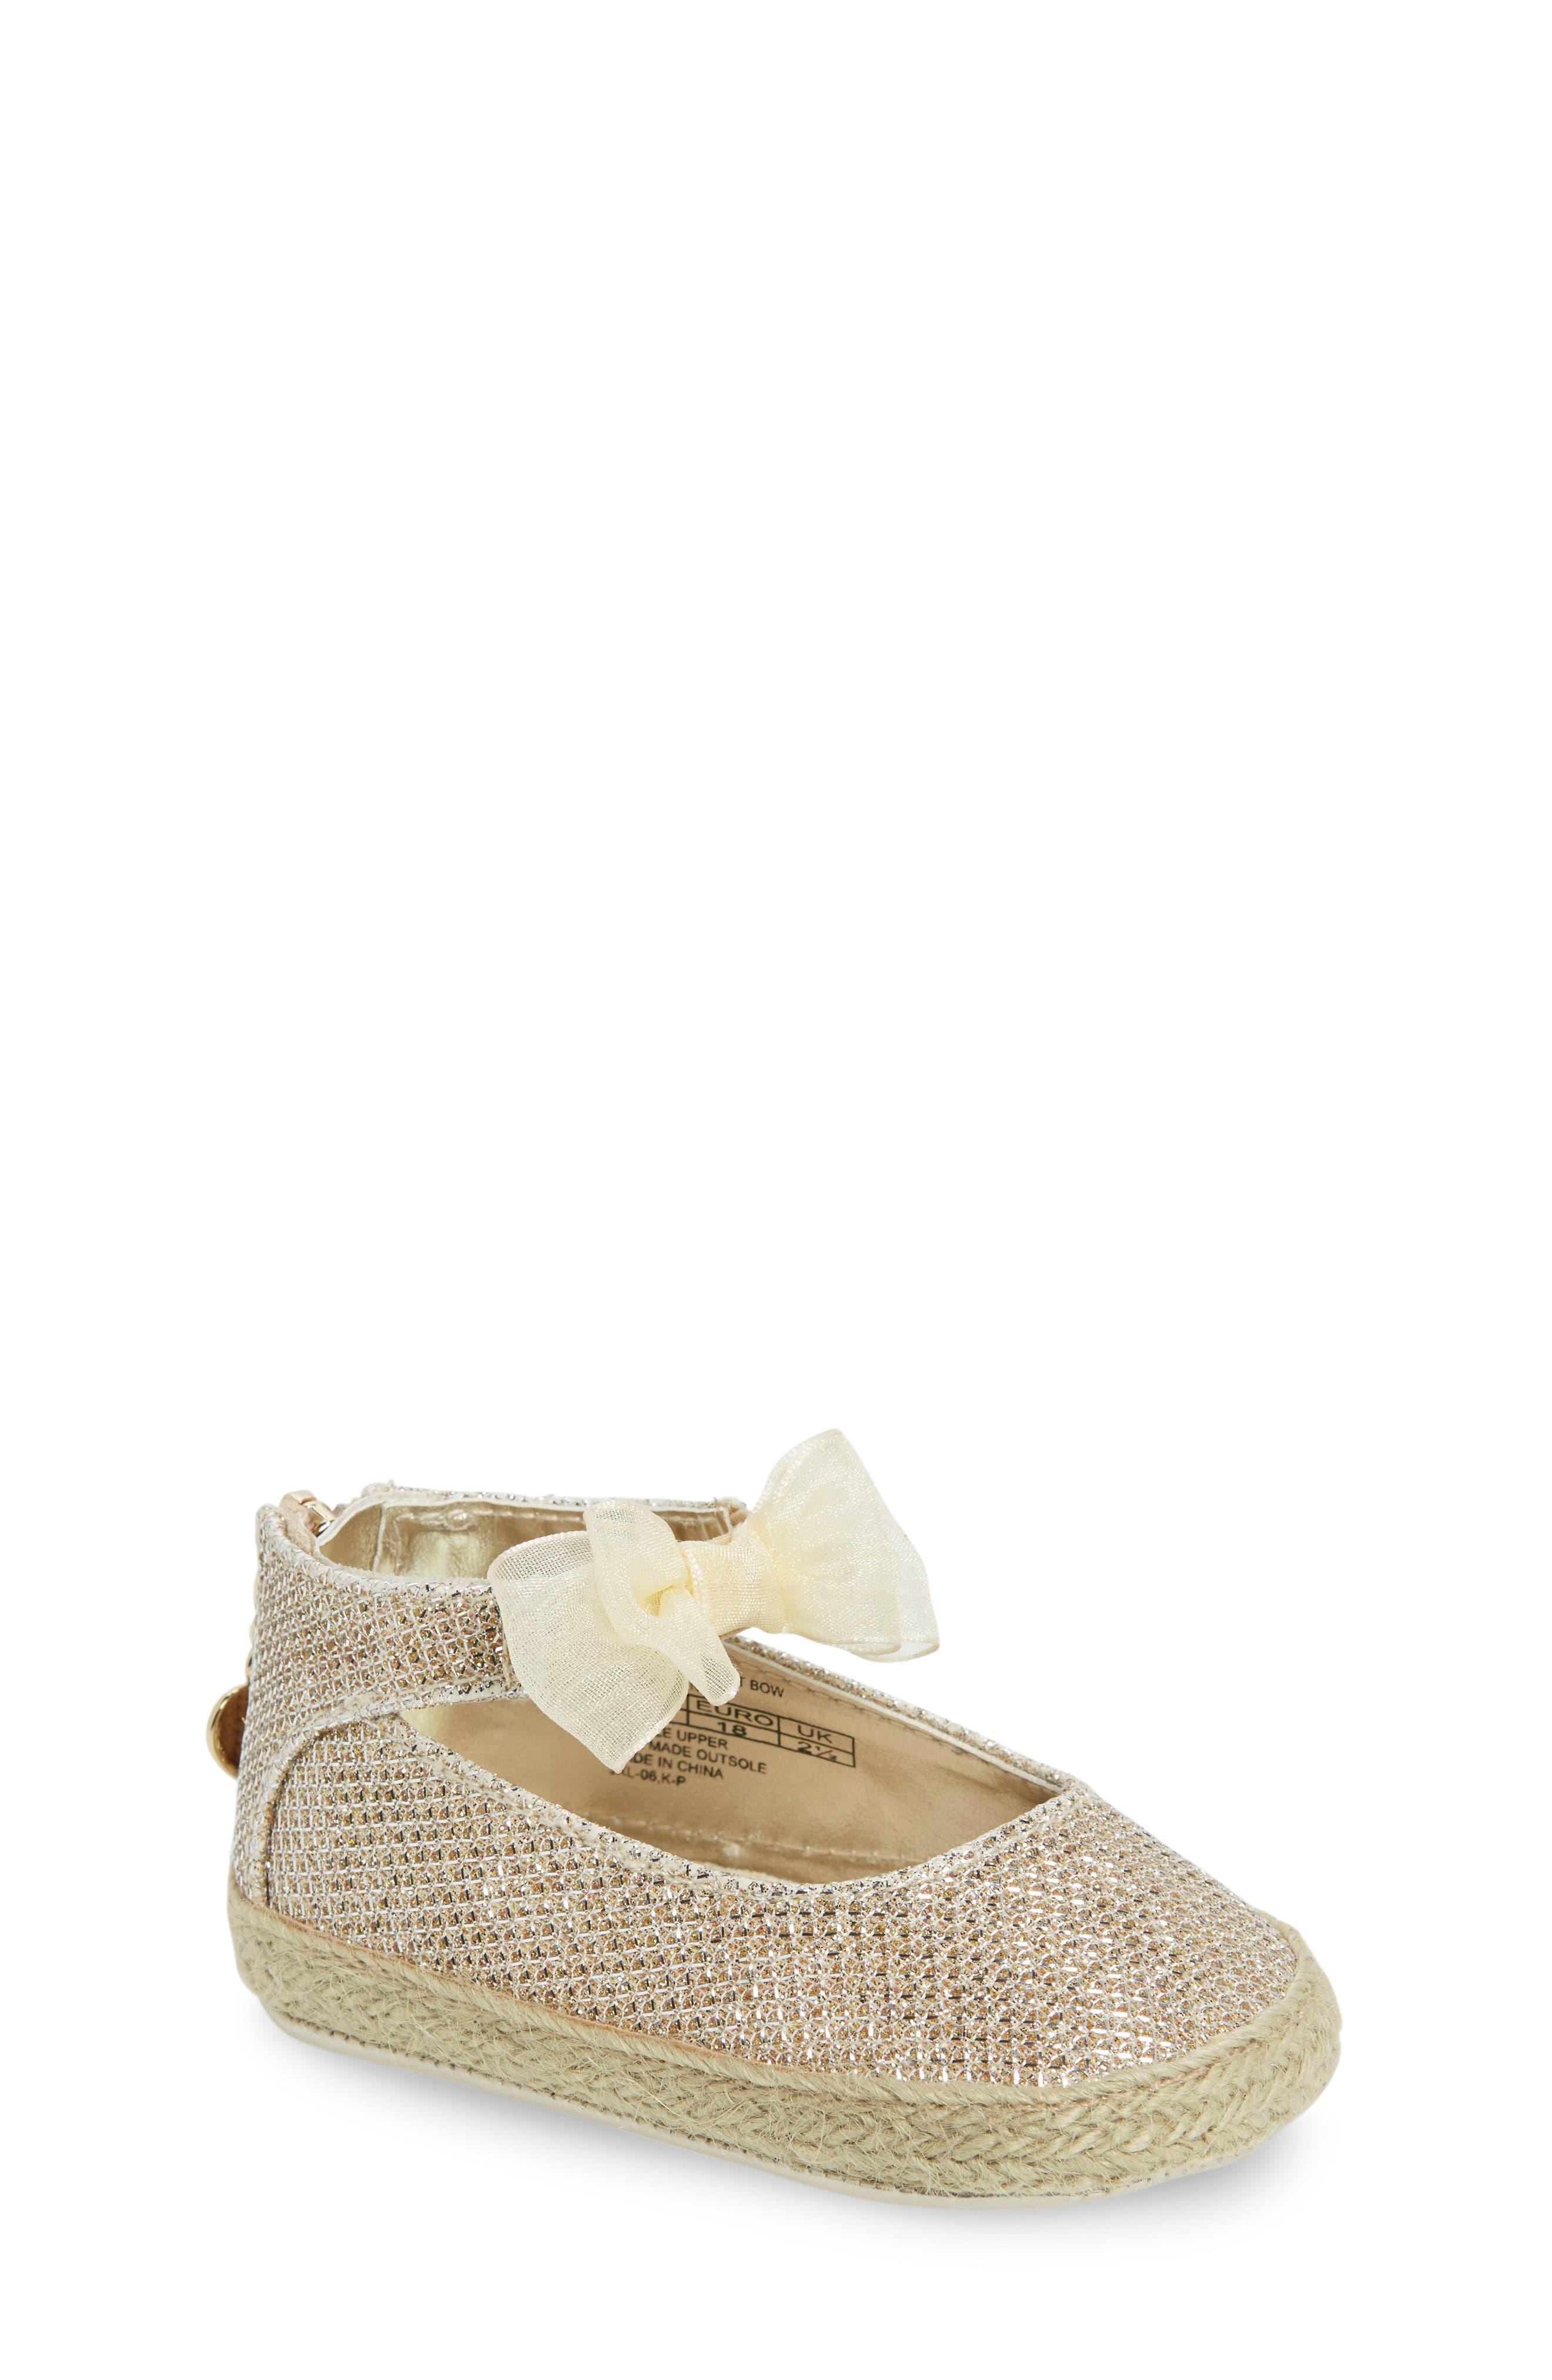 Alternate Image 1 Selected - Stuart Weitzman Baby Nantucket Crib Shoe (Baby)